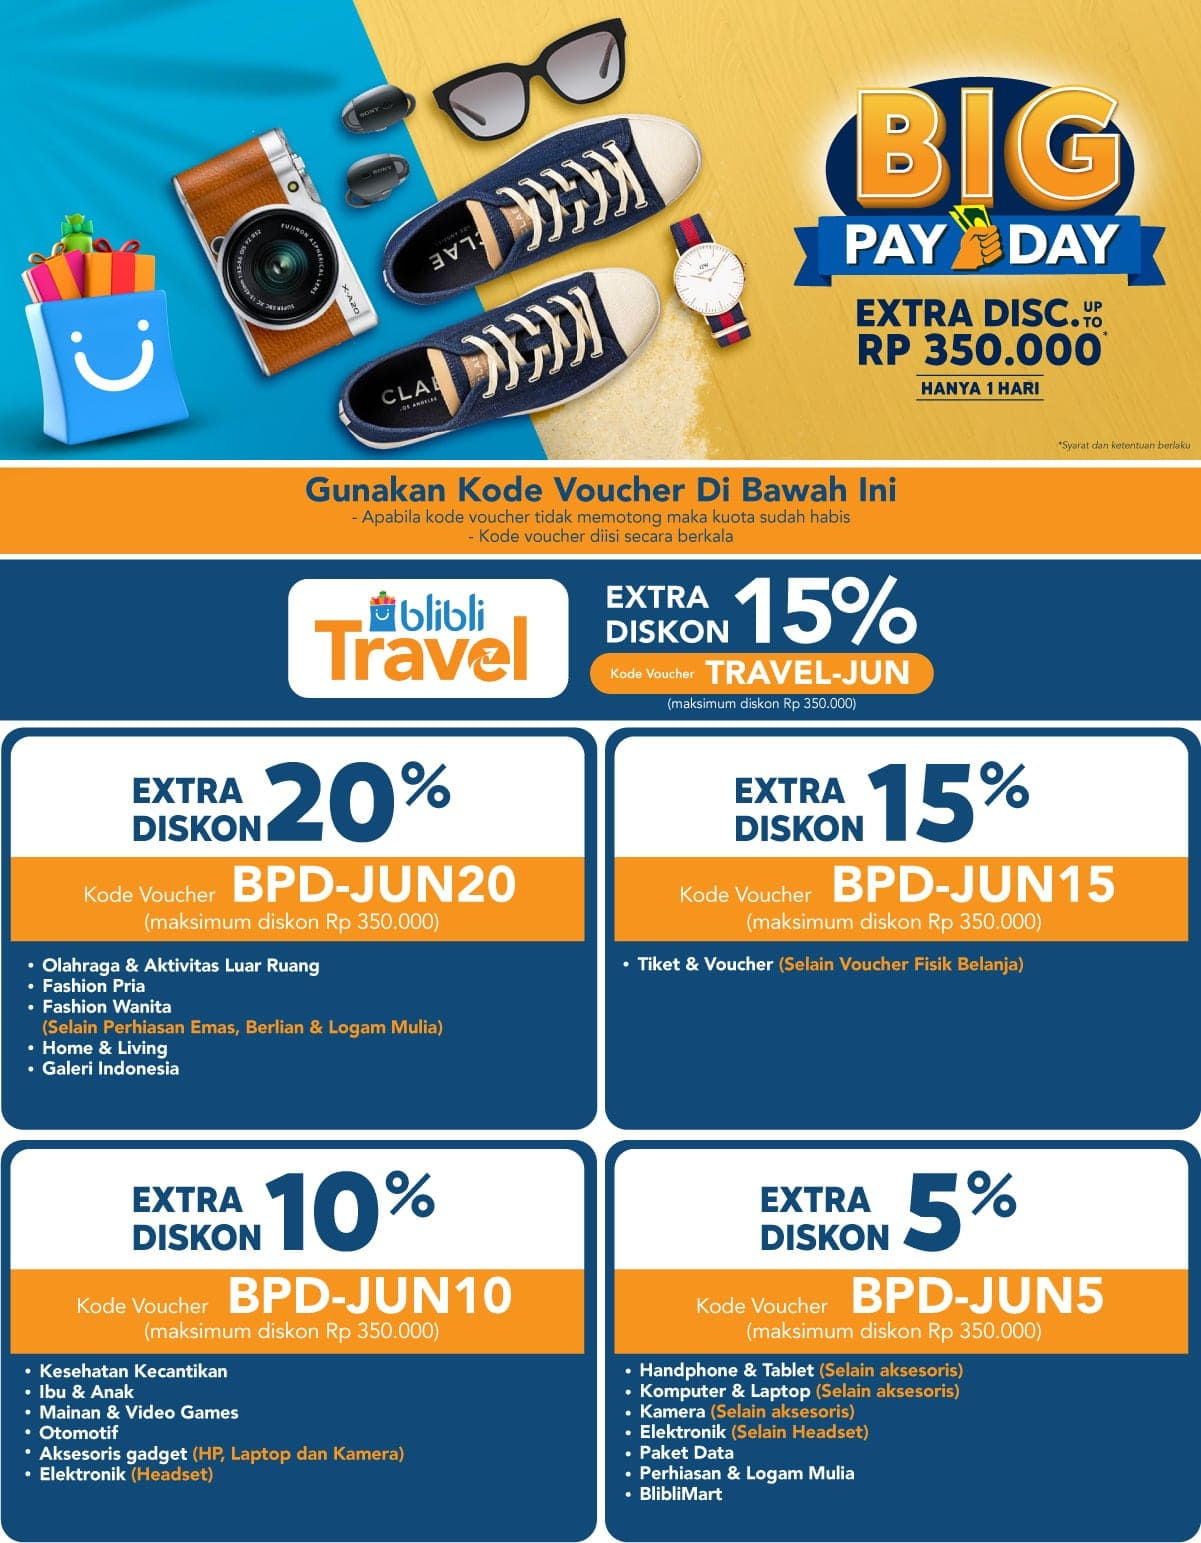 Big Pay Day - Promo Gajian Termurah 2019, Diskon Menarik! | Blibli.com